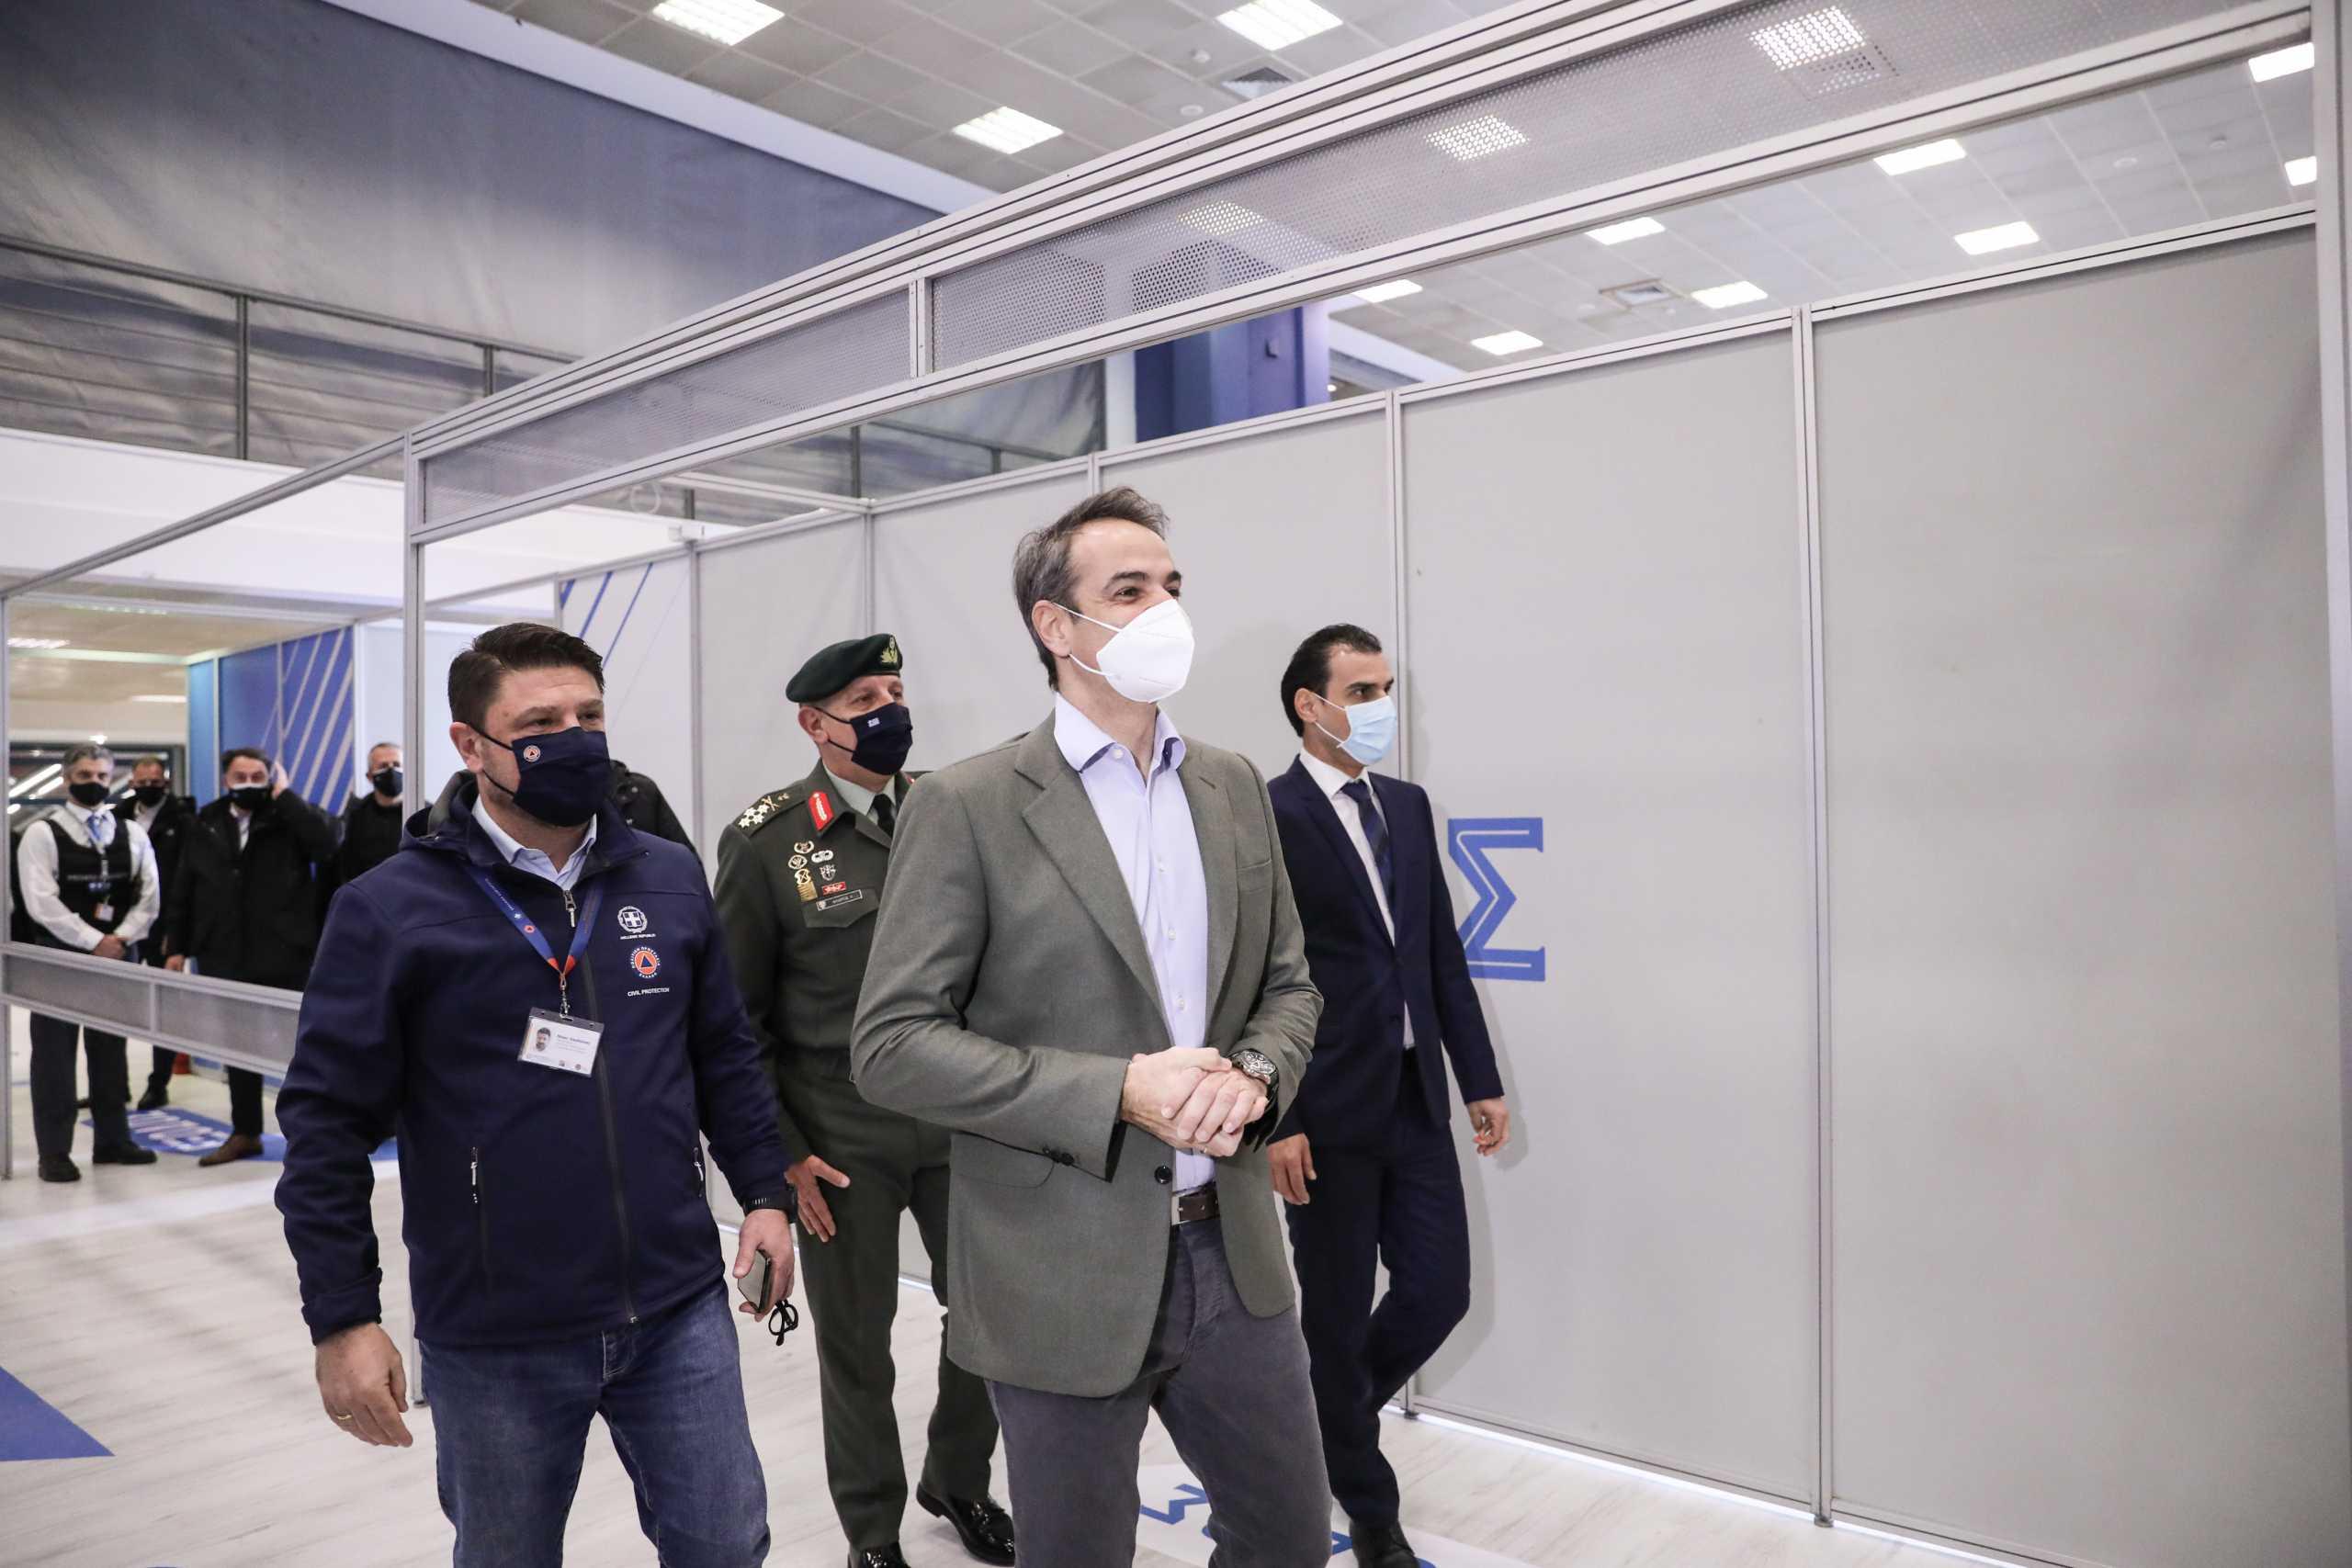 Ο Μητσοτάκης «συνάντησε» τον… «Προμηθέα»: Επίσκεψη στο Mega εμβολιαστικό κέντρο